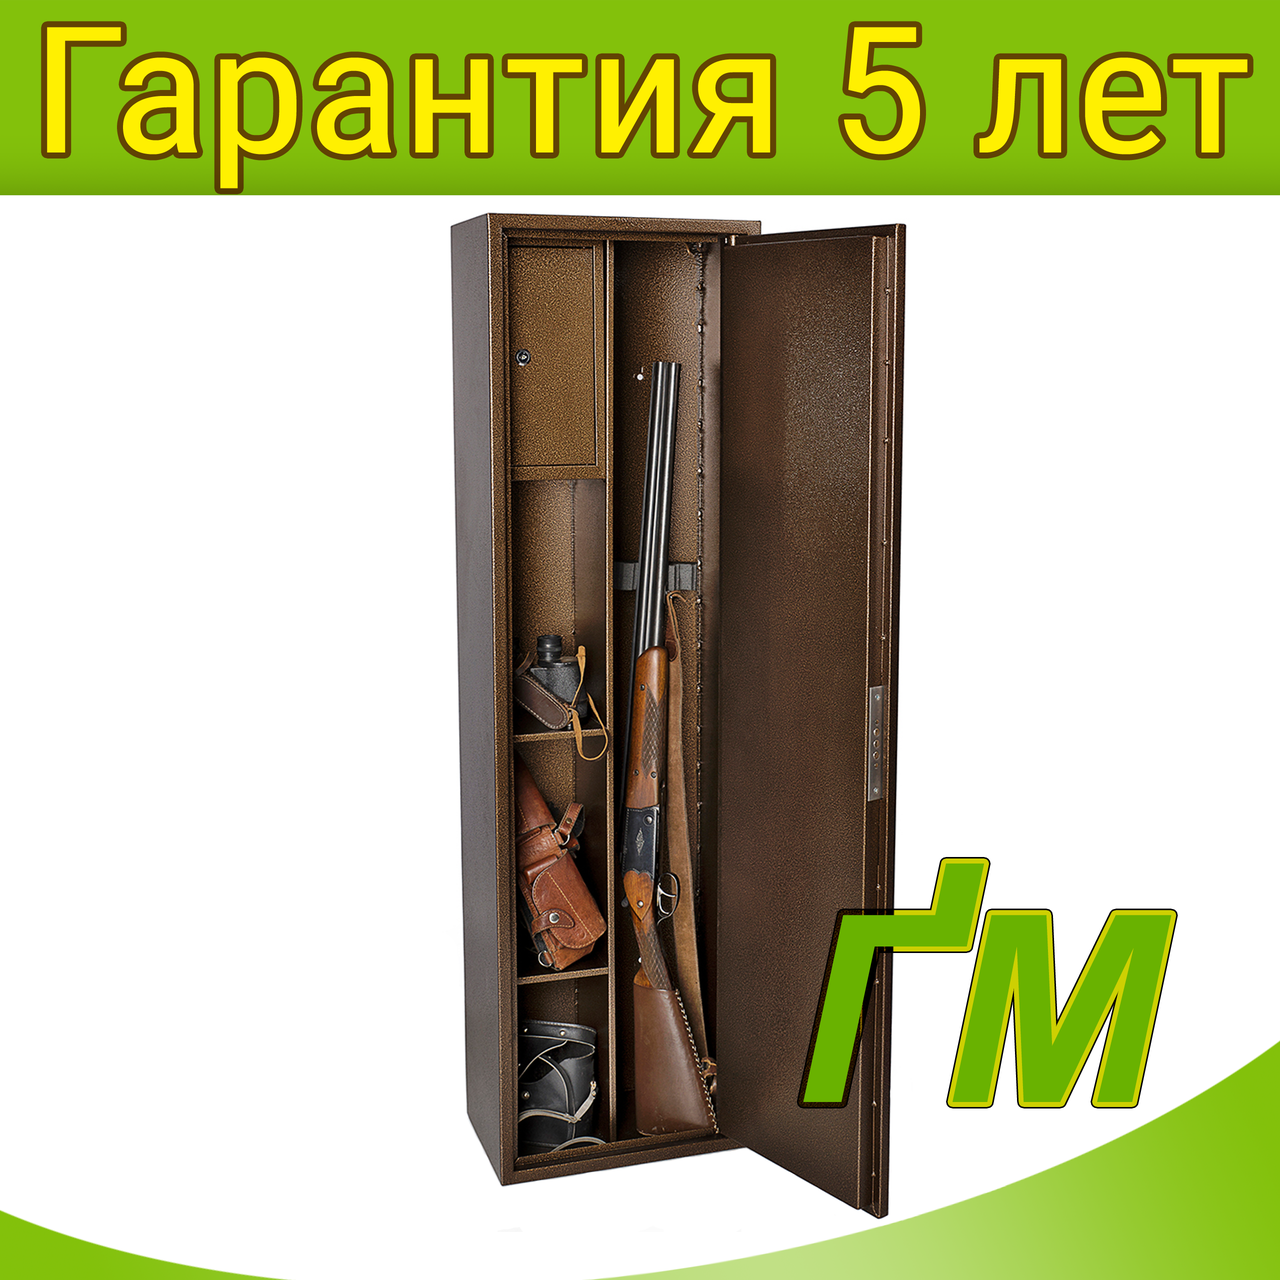 Сейф оружейный Е-137К1.Т1.П2.8004